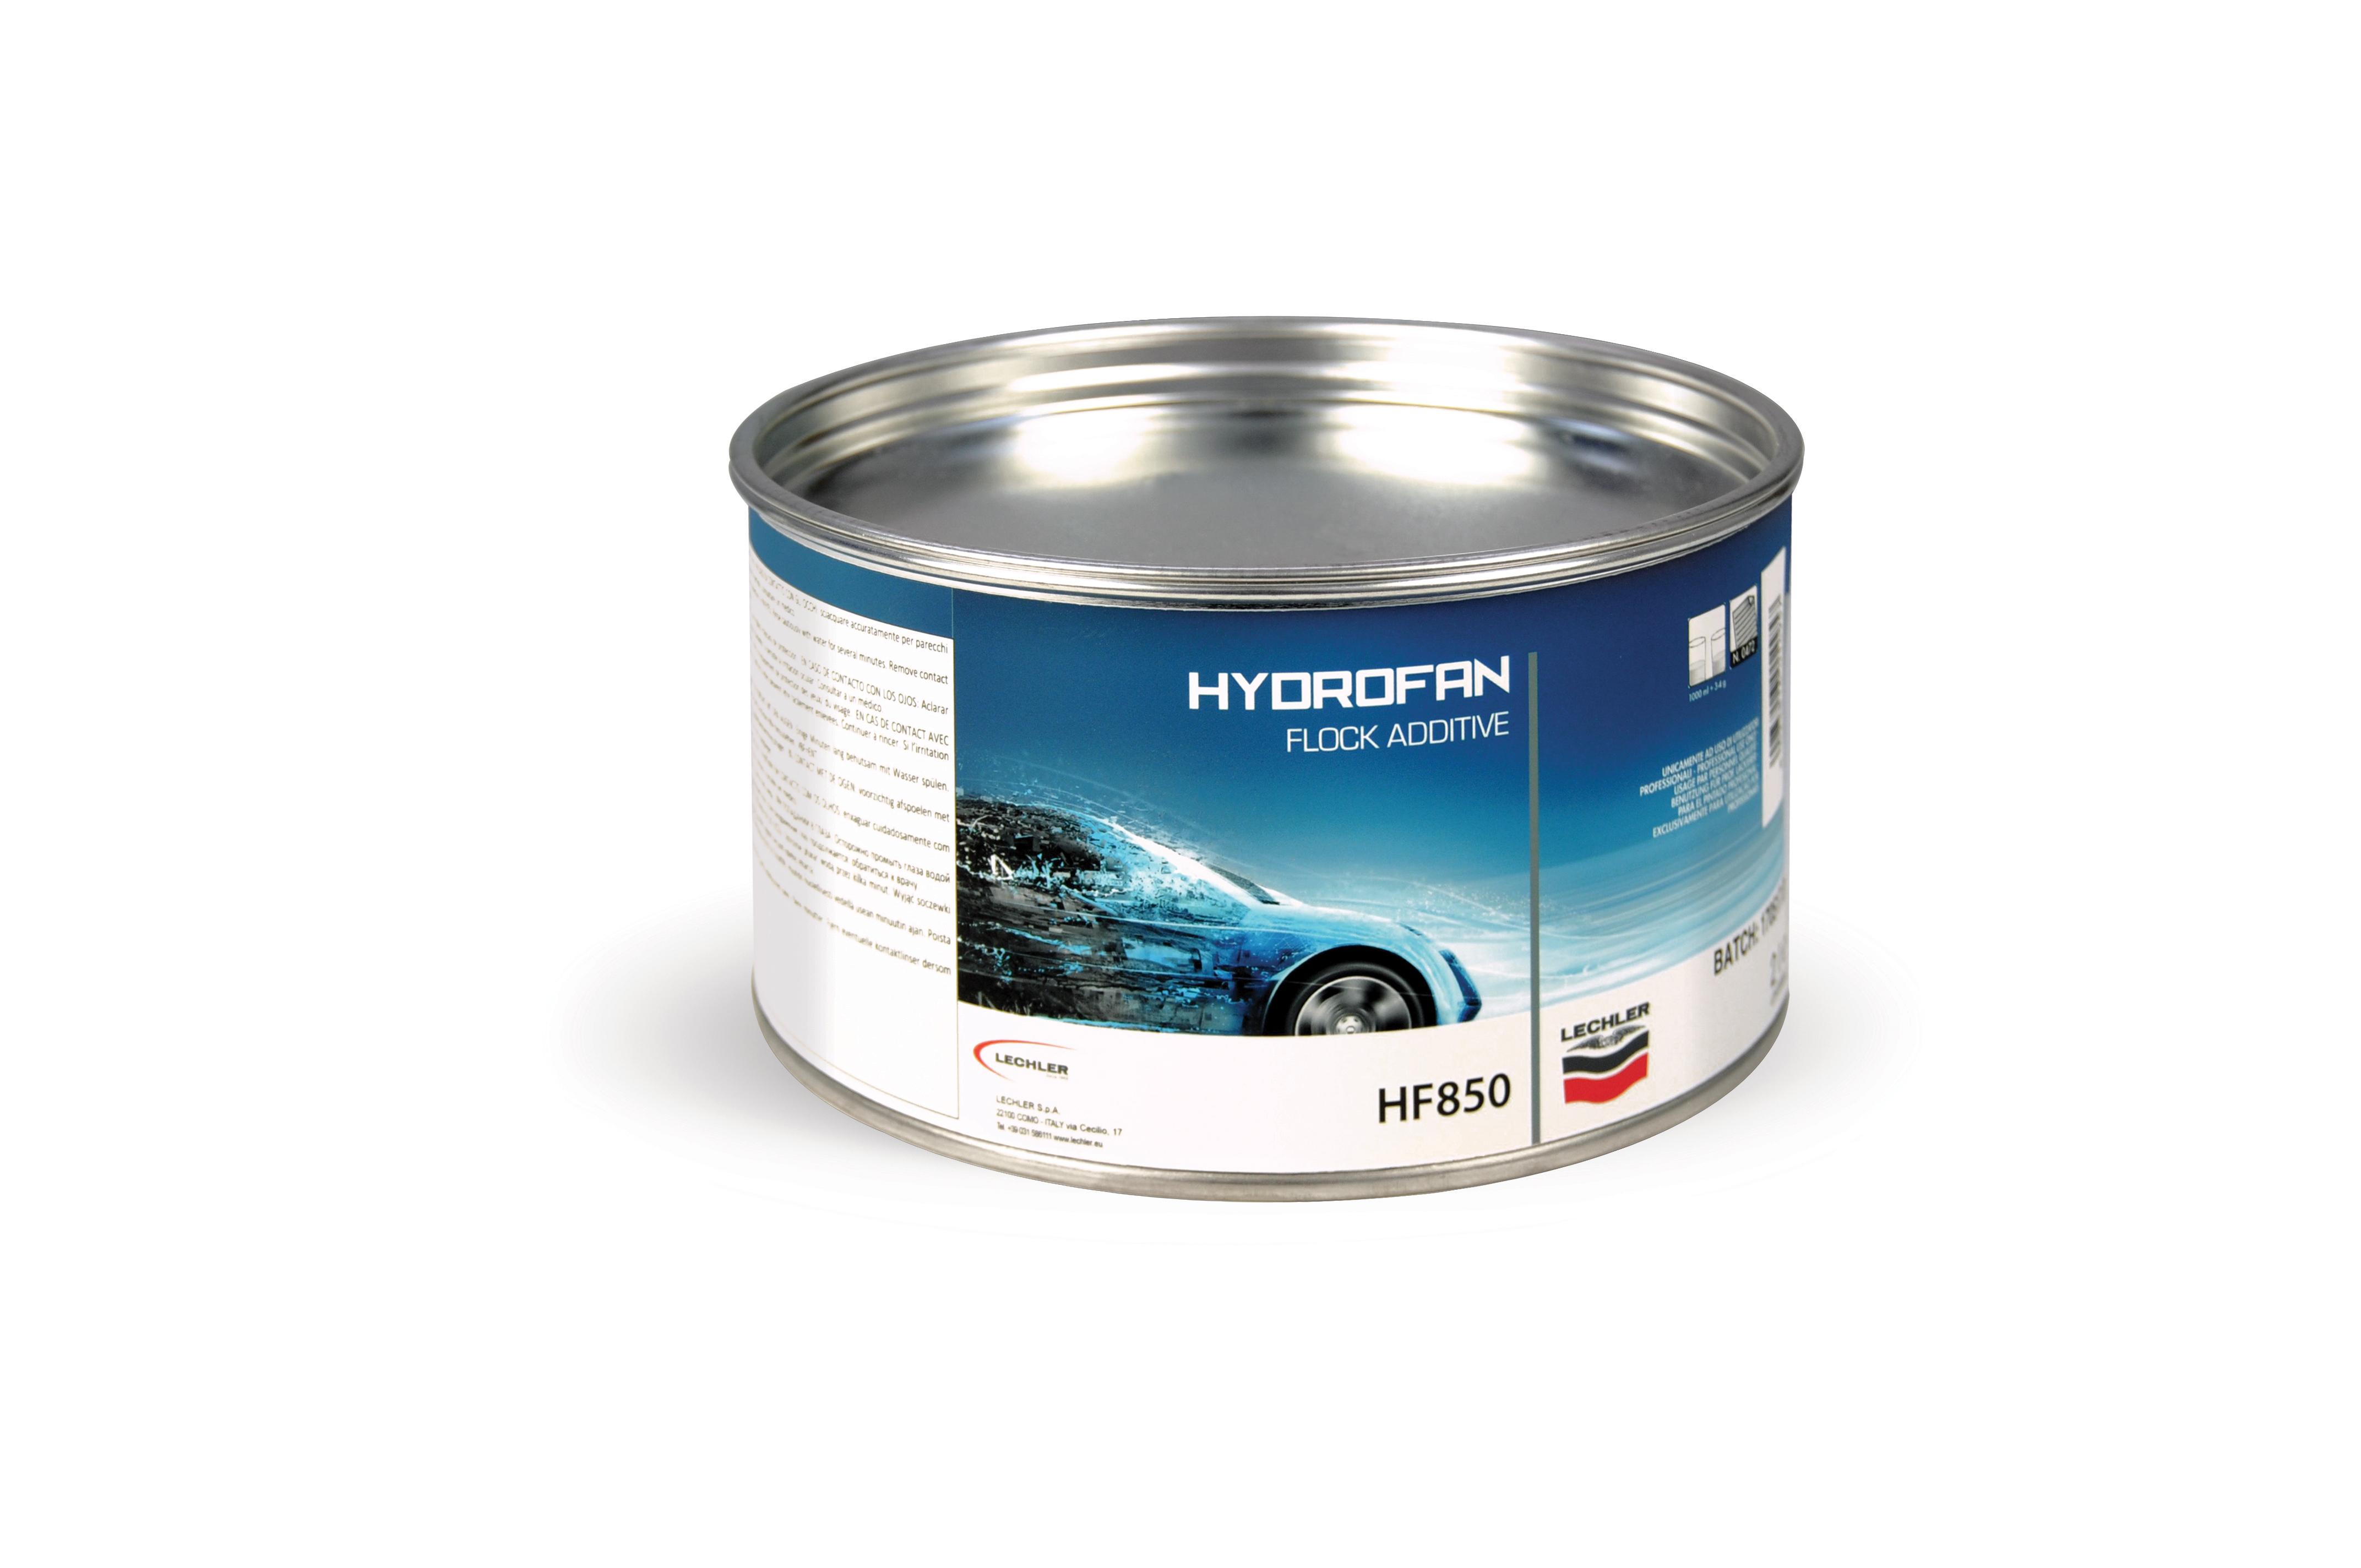 HF850 Hydrofan Flock Additive